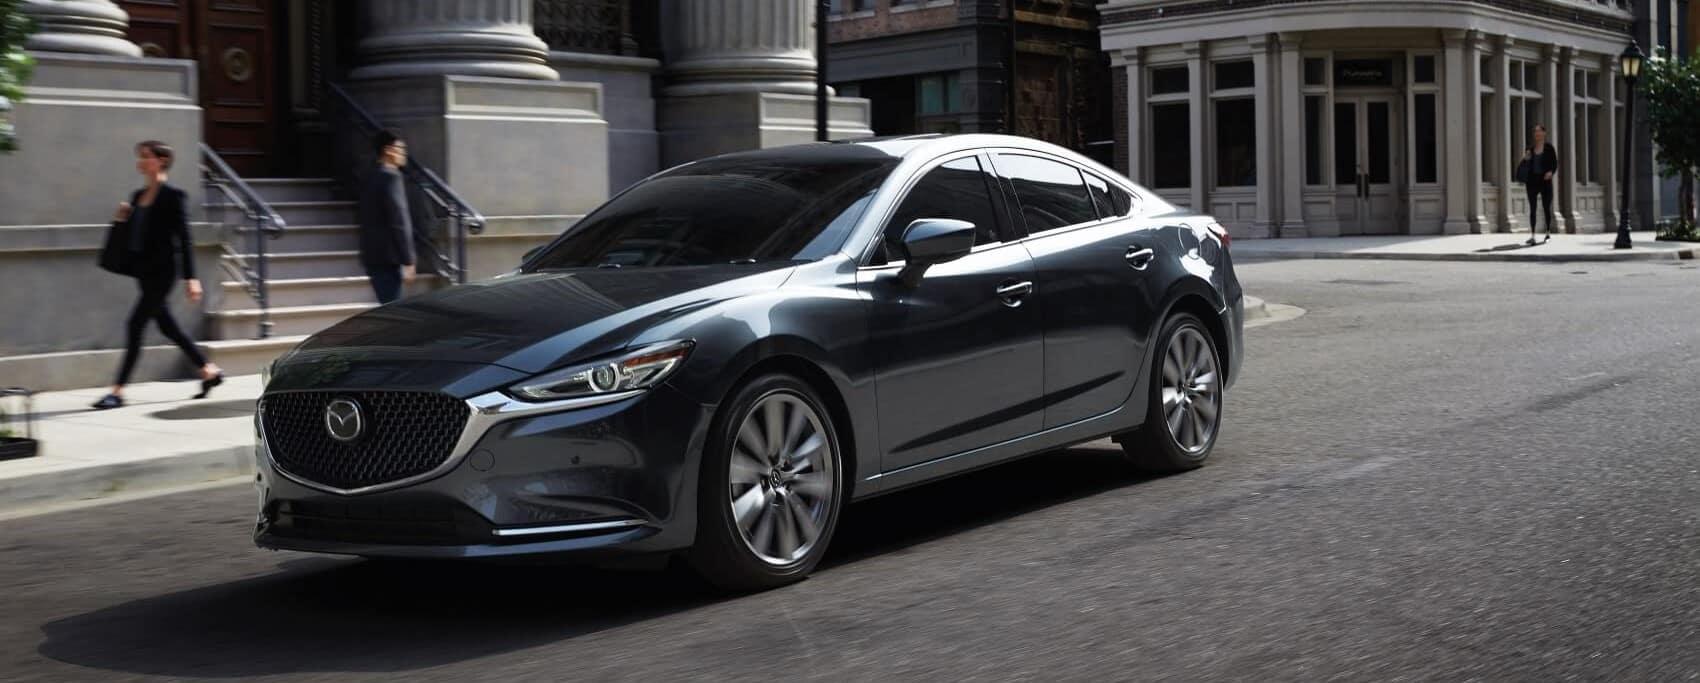 Mazda6 Fuel Economy